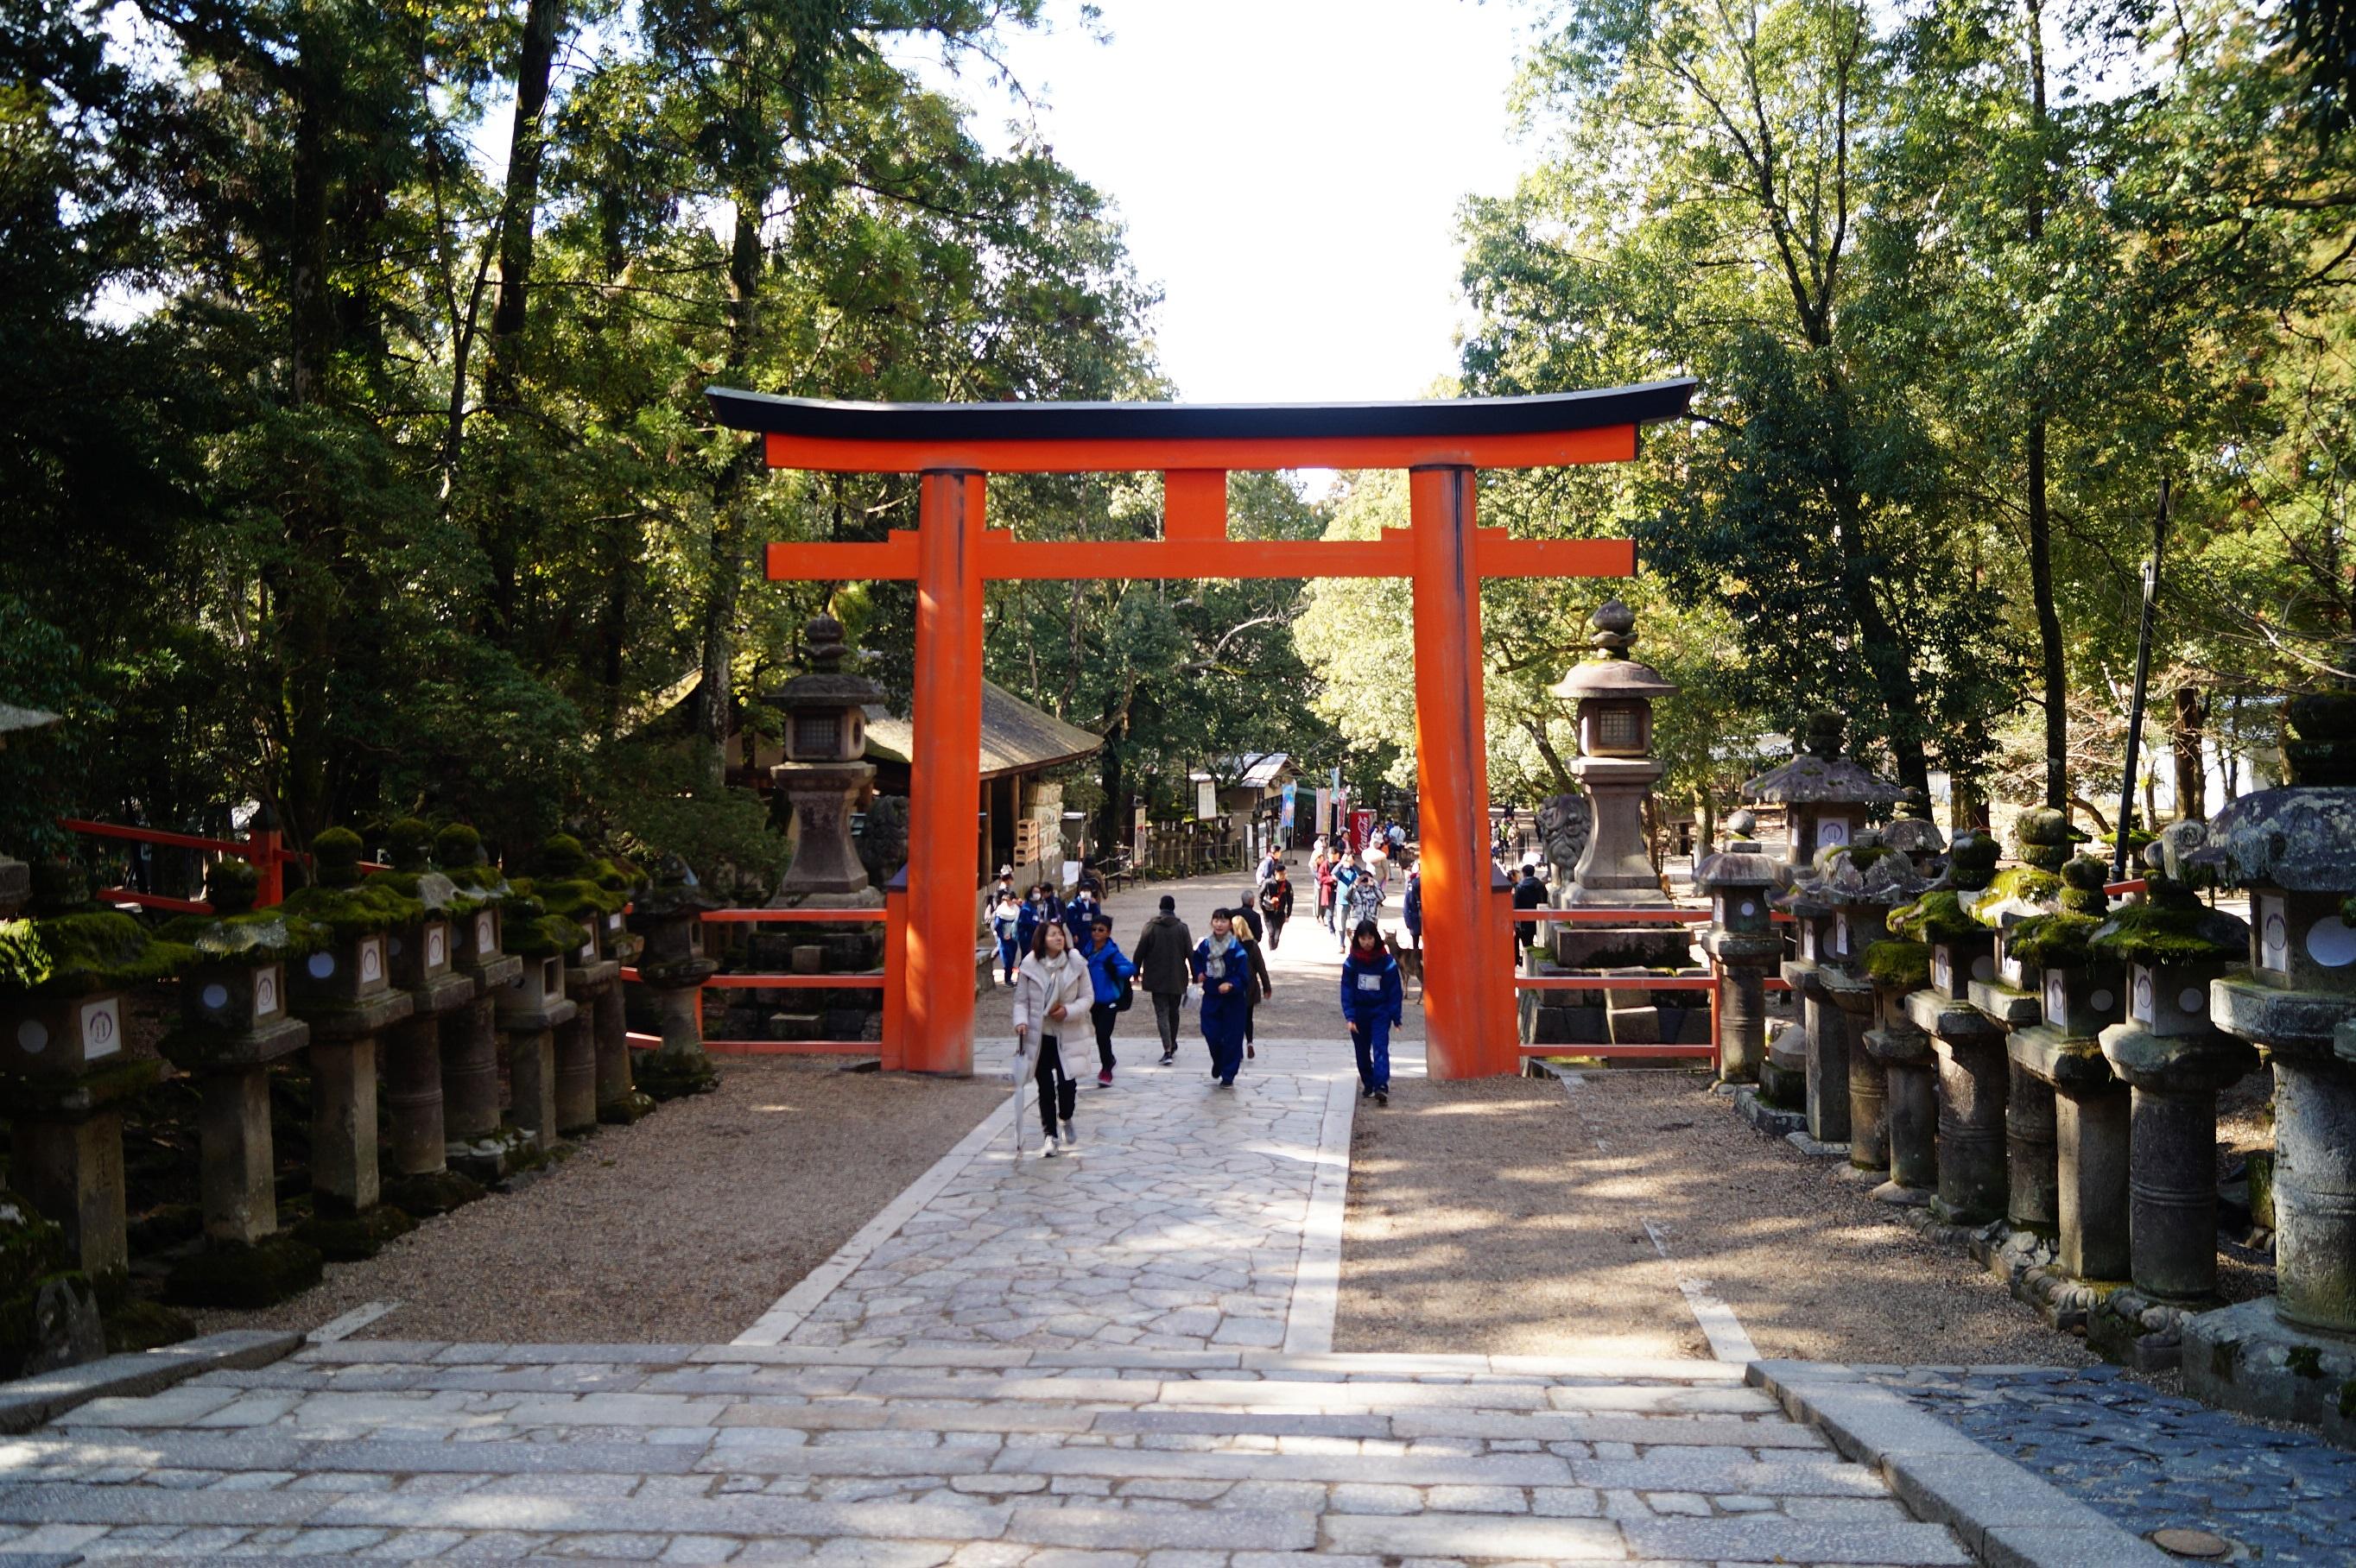 Nara Entrada al parque de Nara - Nara Park and the Sacred Deer of Japan